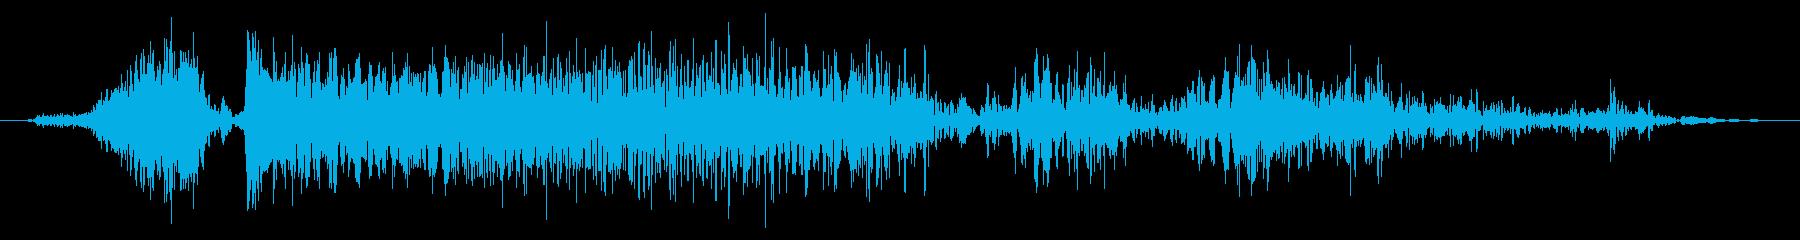 カエル モンスター ゲーム 勝利時の再生済みの波形